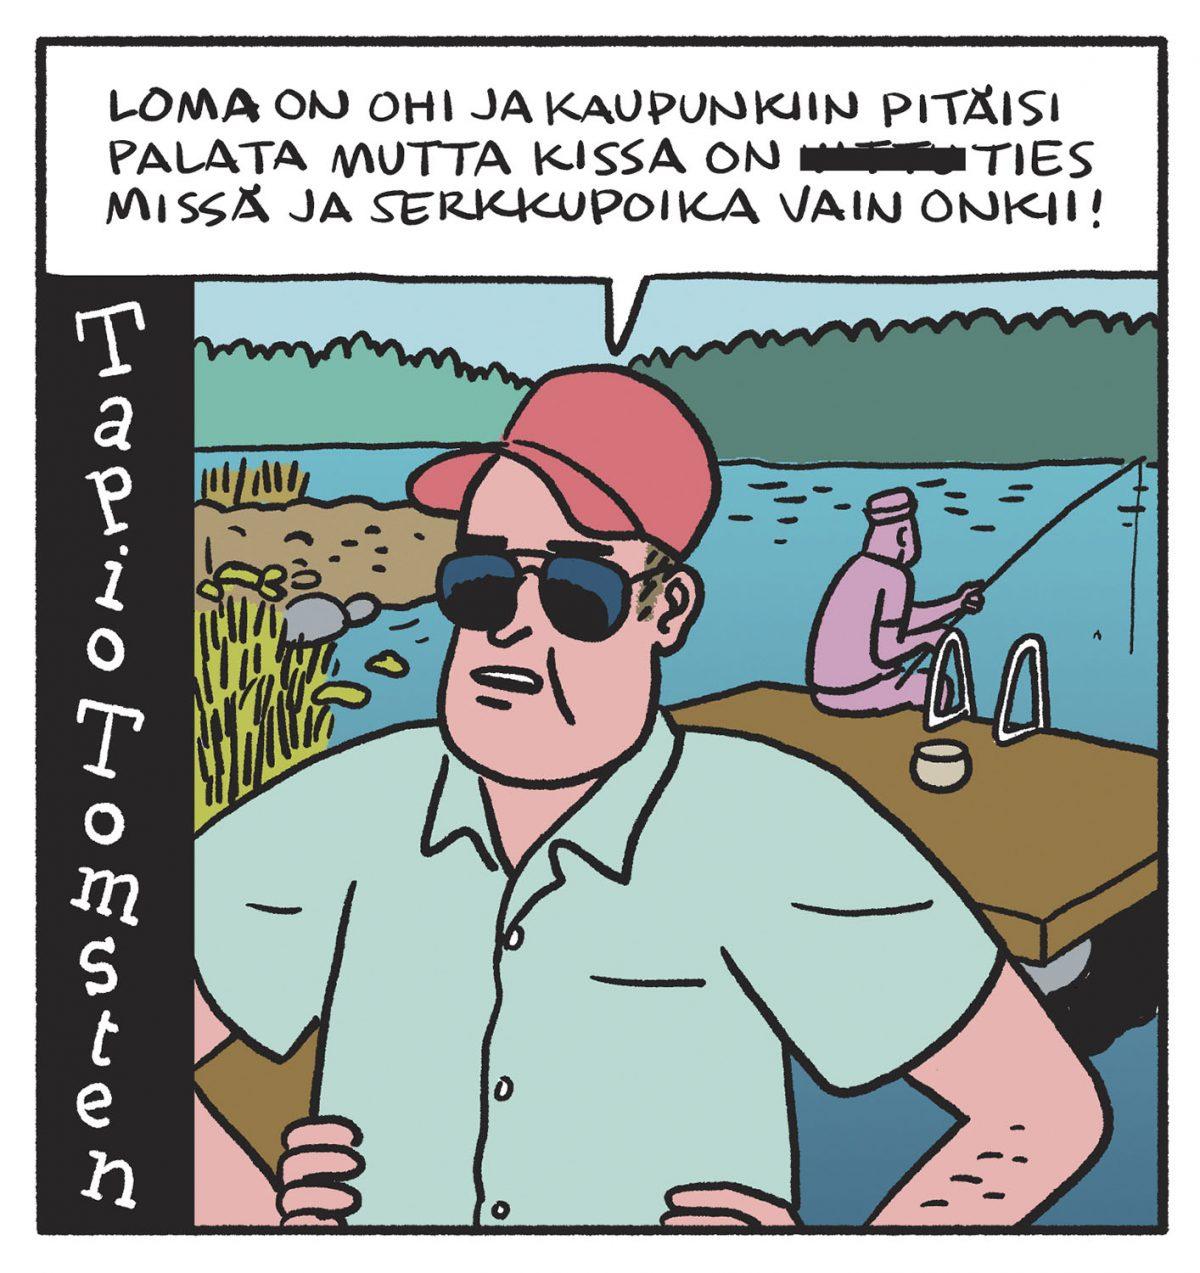 SARJAKUVA: Tapio Tomsten 8/2019